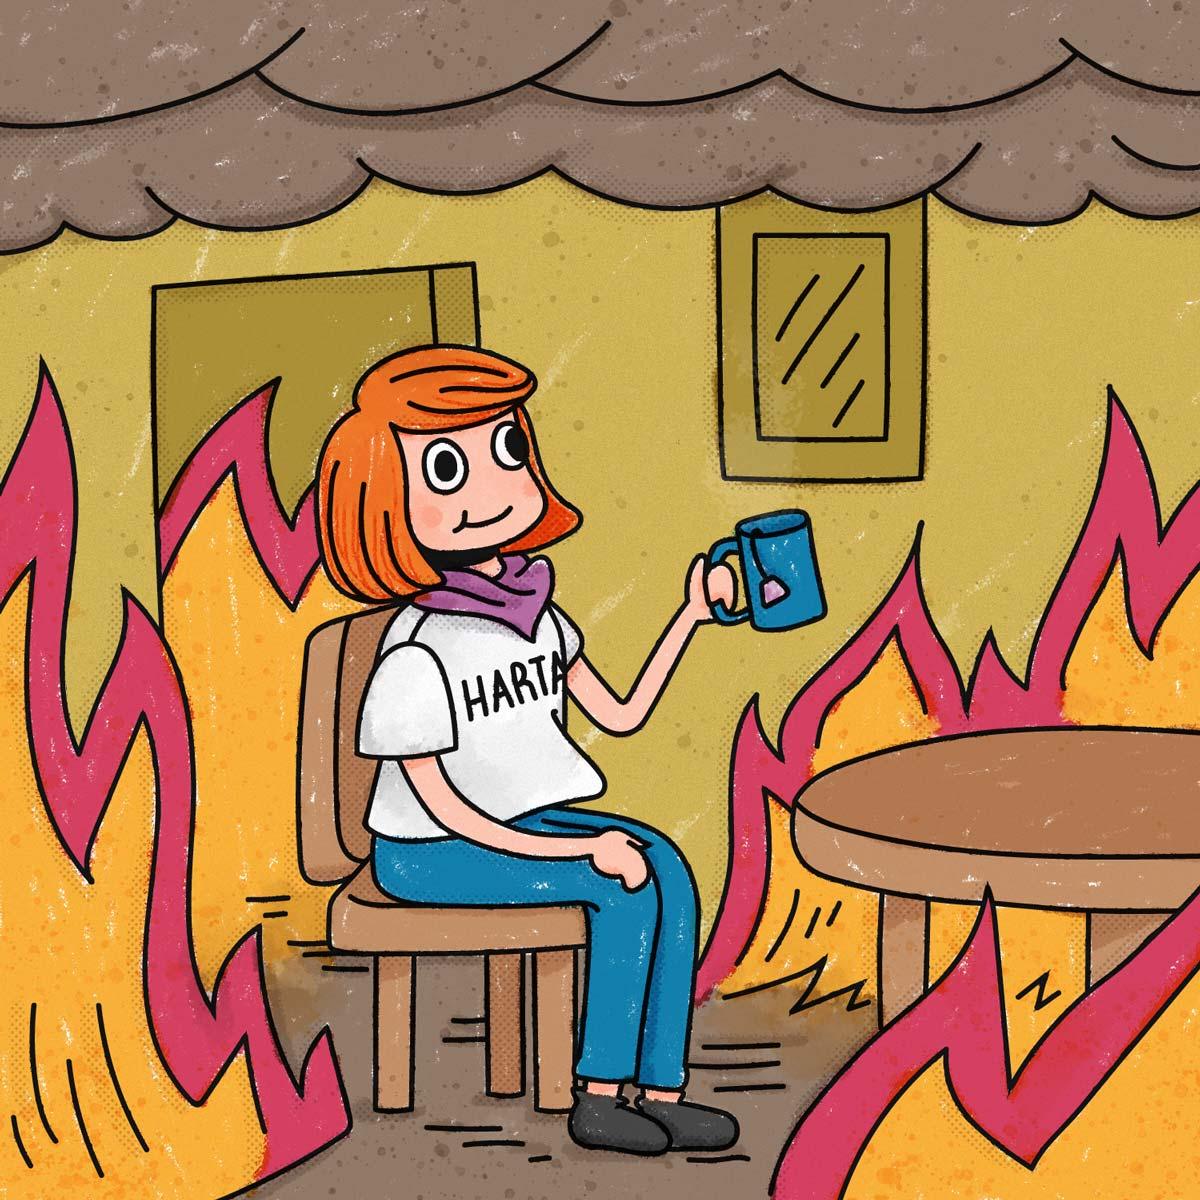 Chica con pelo naranja, remera de harta, sonriente mientras toma té, en un cuarto rodeado de llamas.